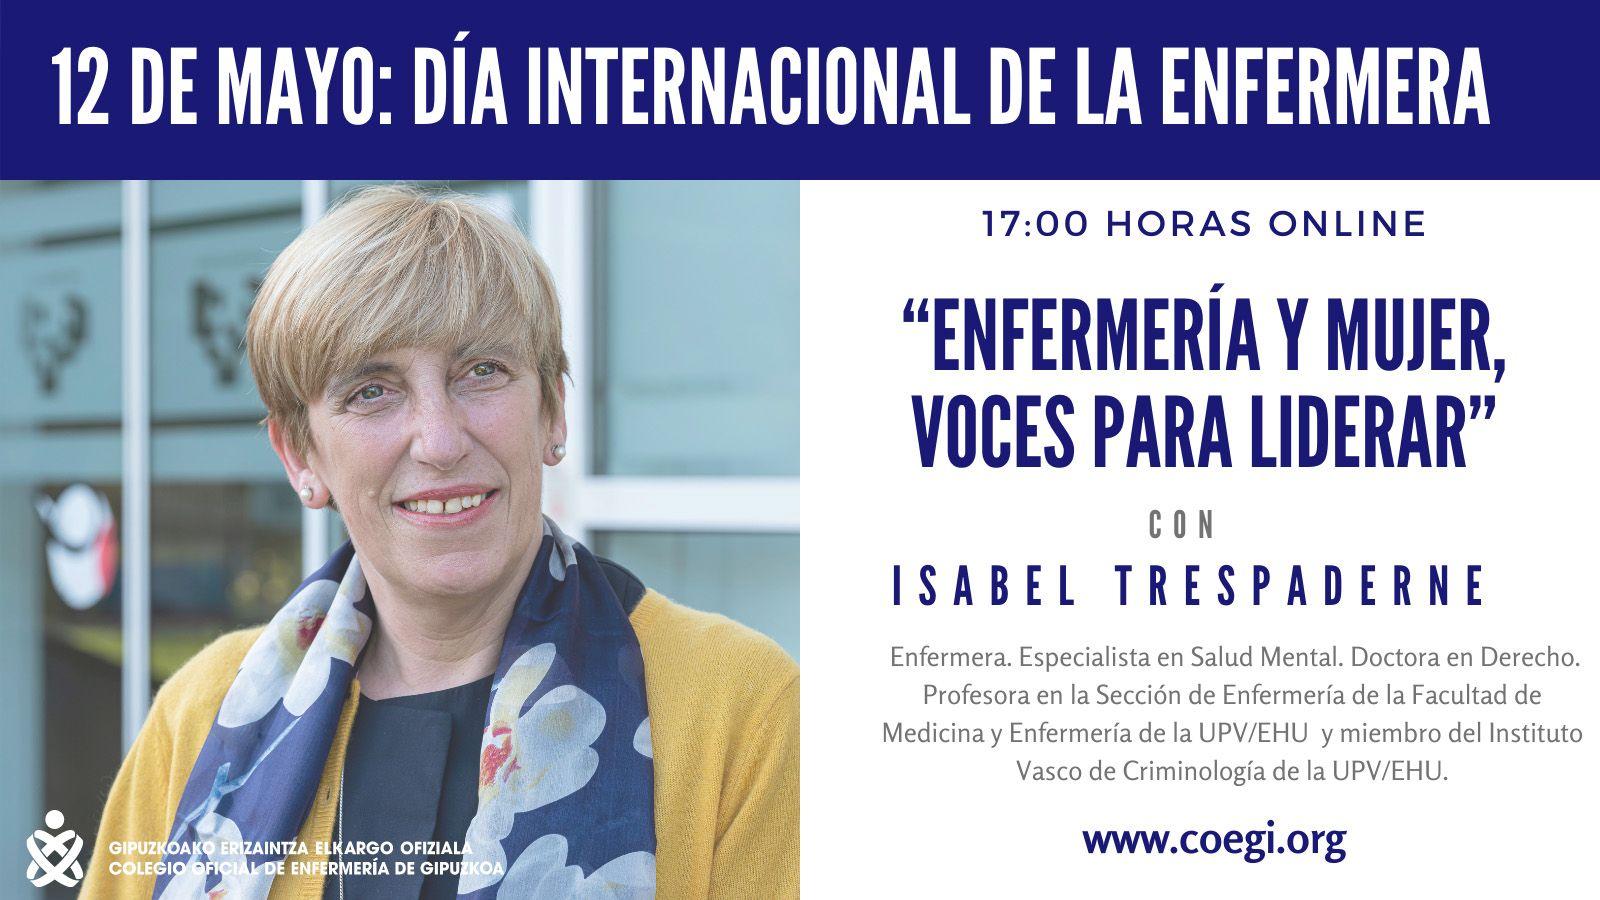 El COEGI destaca la profesionalidad y humanidad de las enfermeras con motivo del Día Internacional